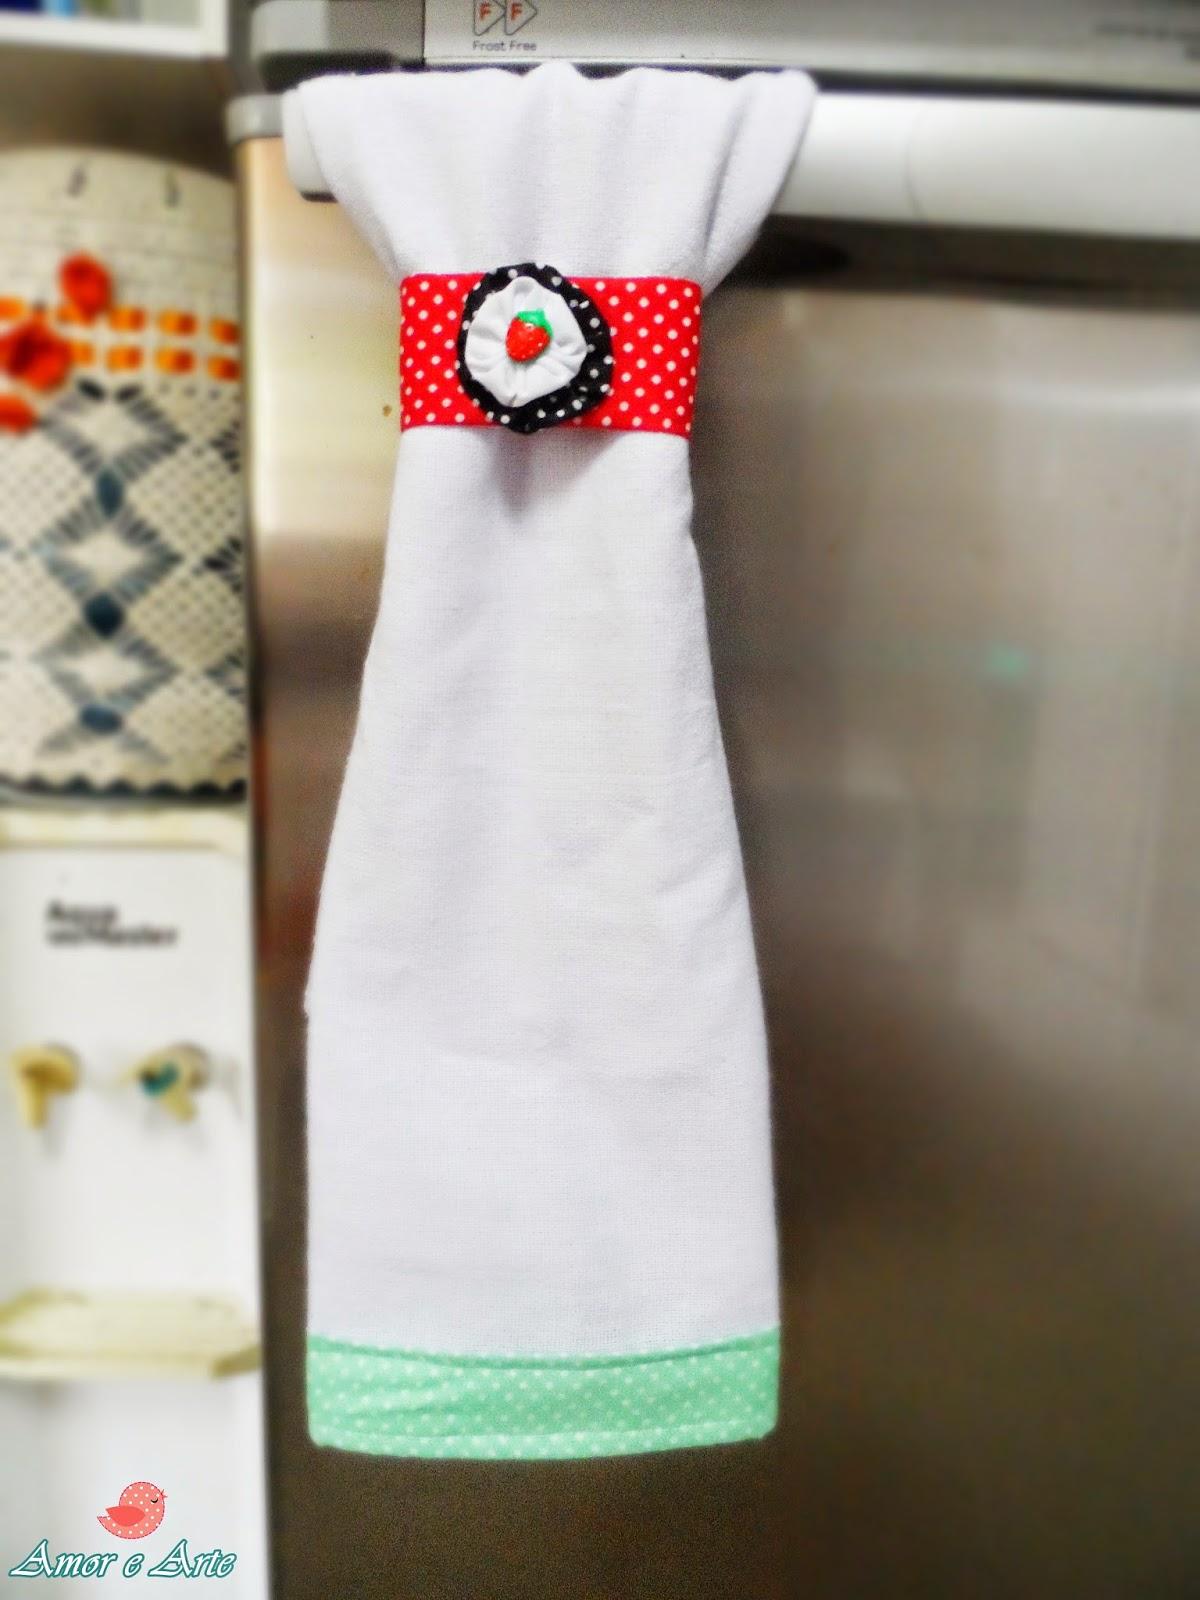 Braçadeira para Bate-Mão, em tecido - detalhe de fuxico e fechamento em velcro